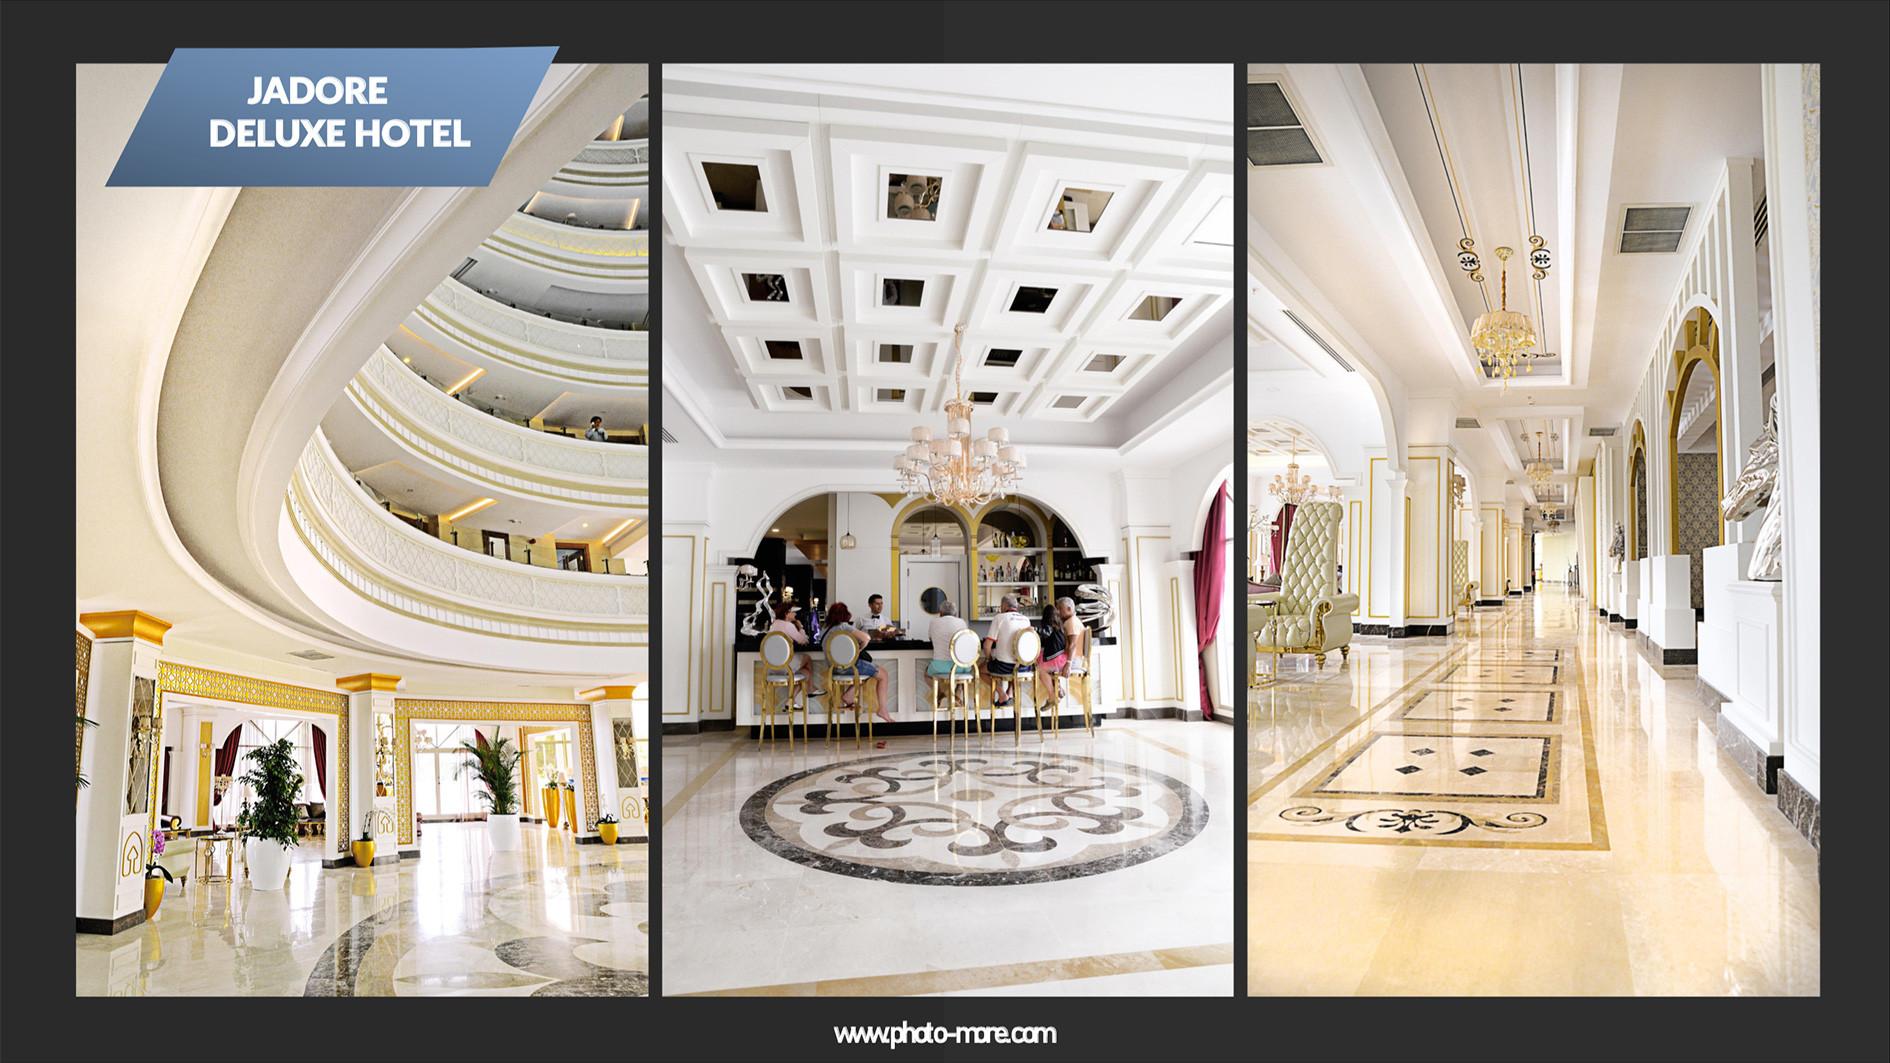 Jadore Deluxe Hotel Antalya